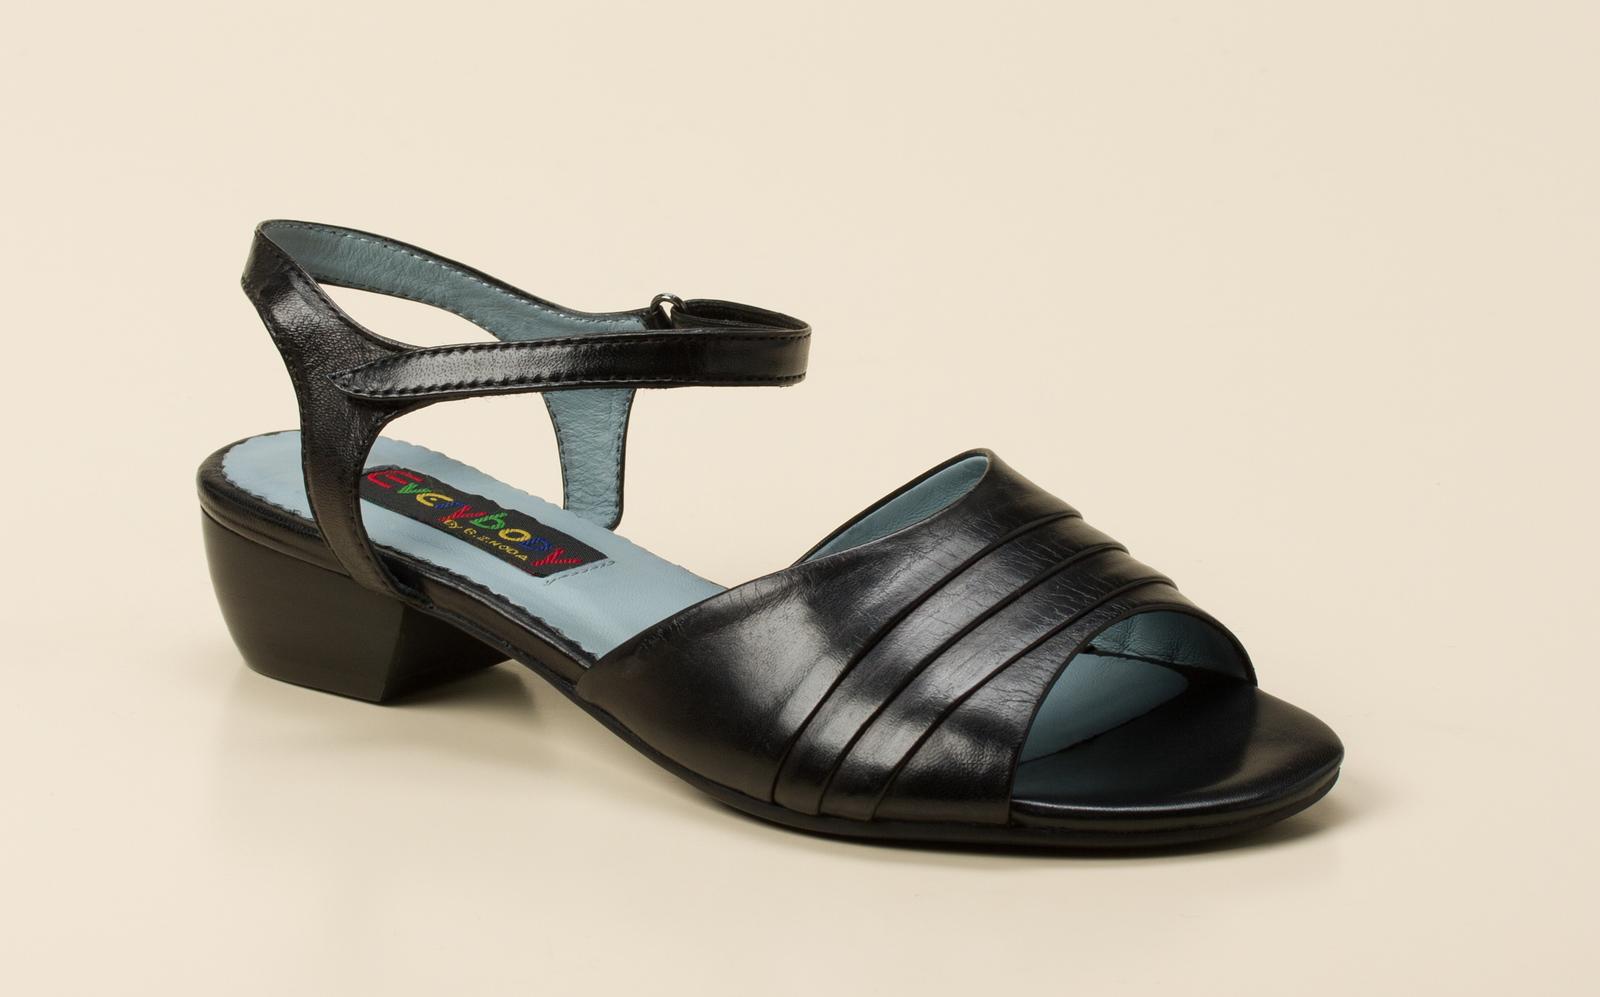 46487a25eca3 Everybody Damen Sandalette in schwarz kaufen   Zumnorde Online-Shop